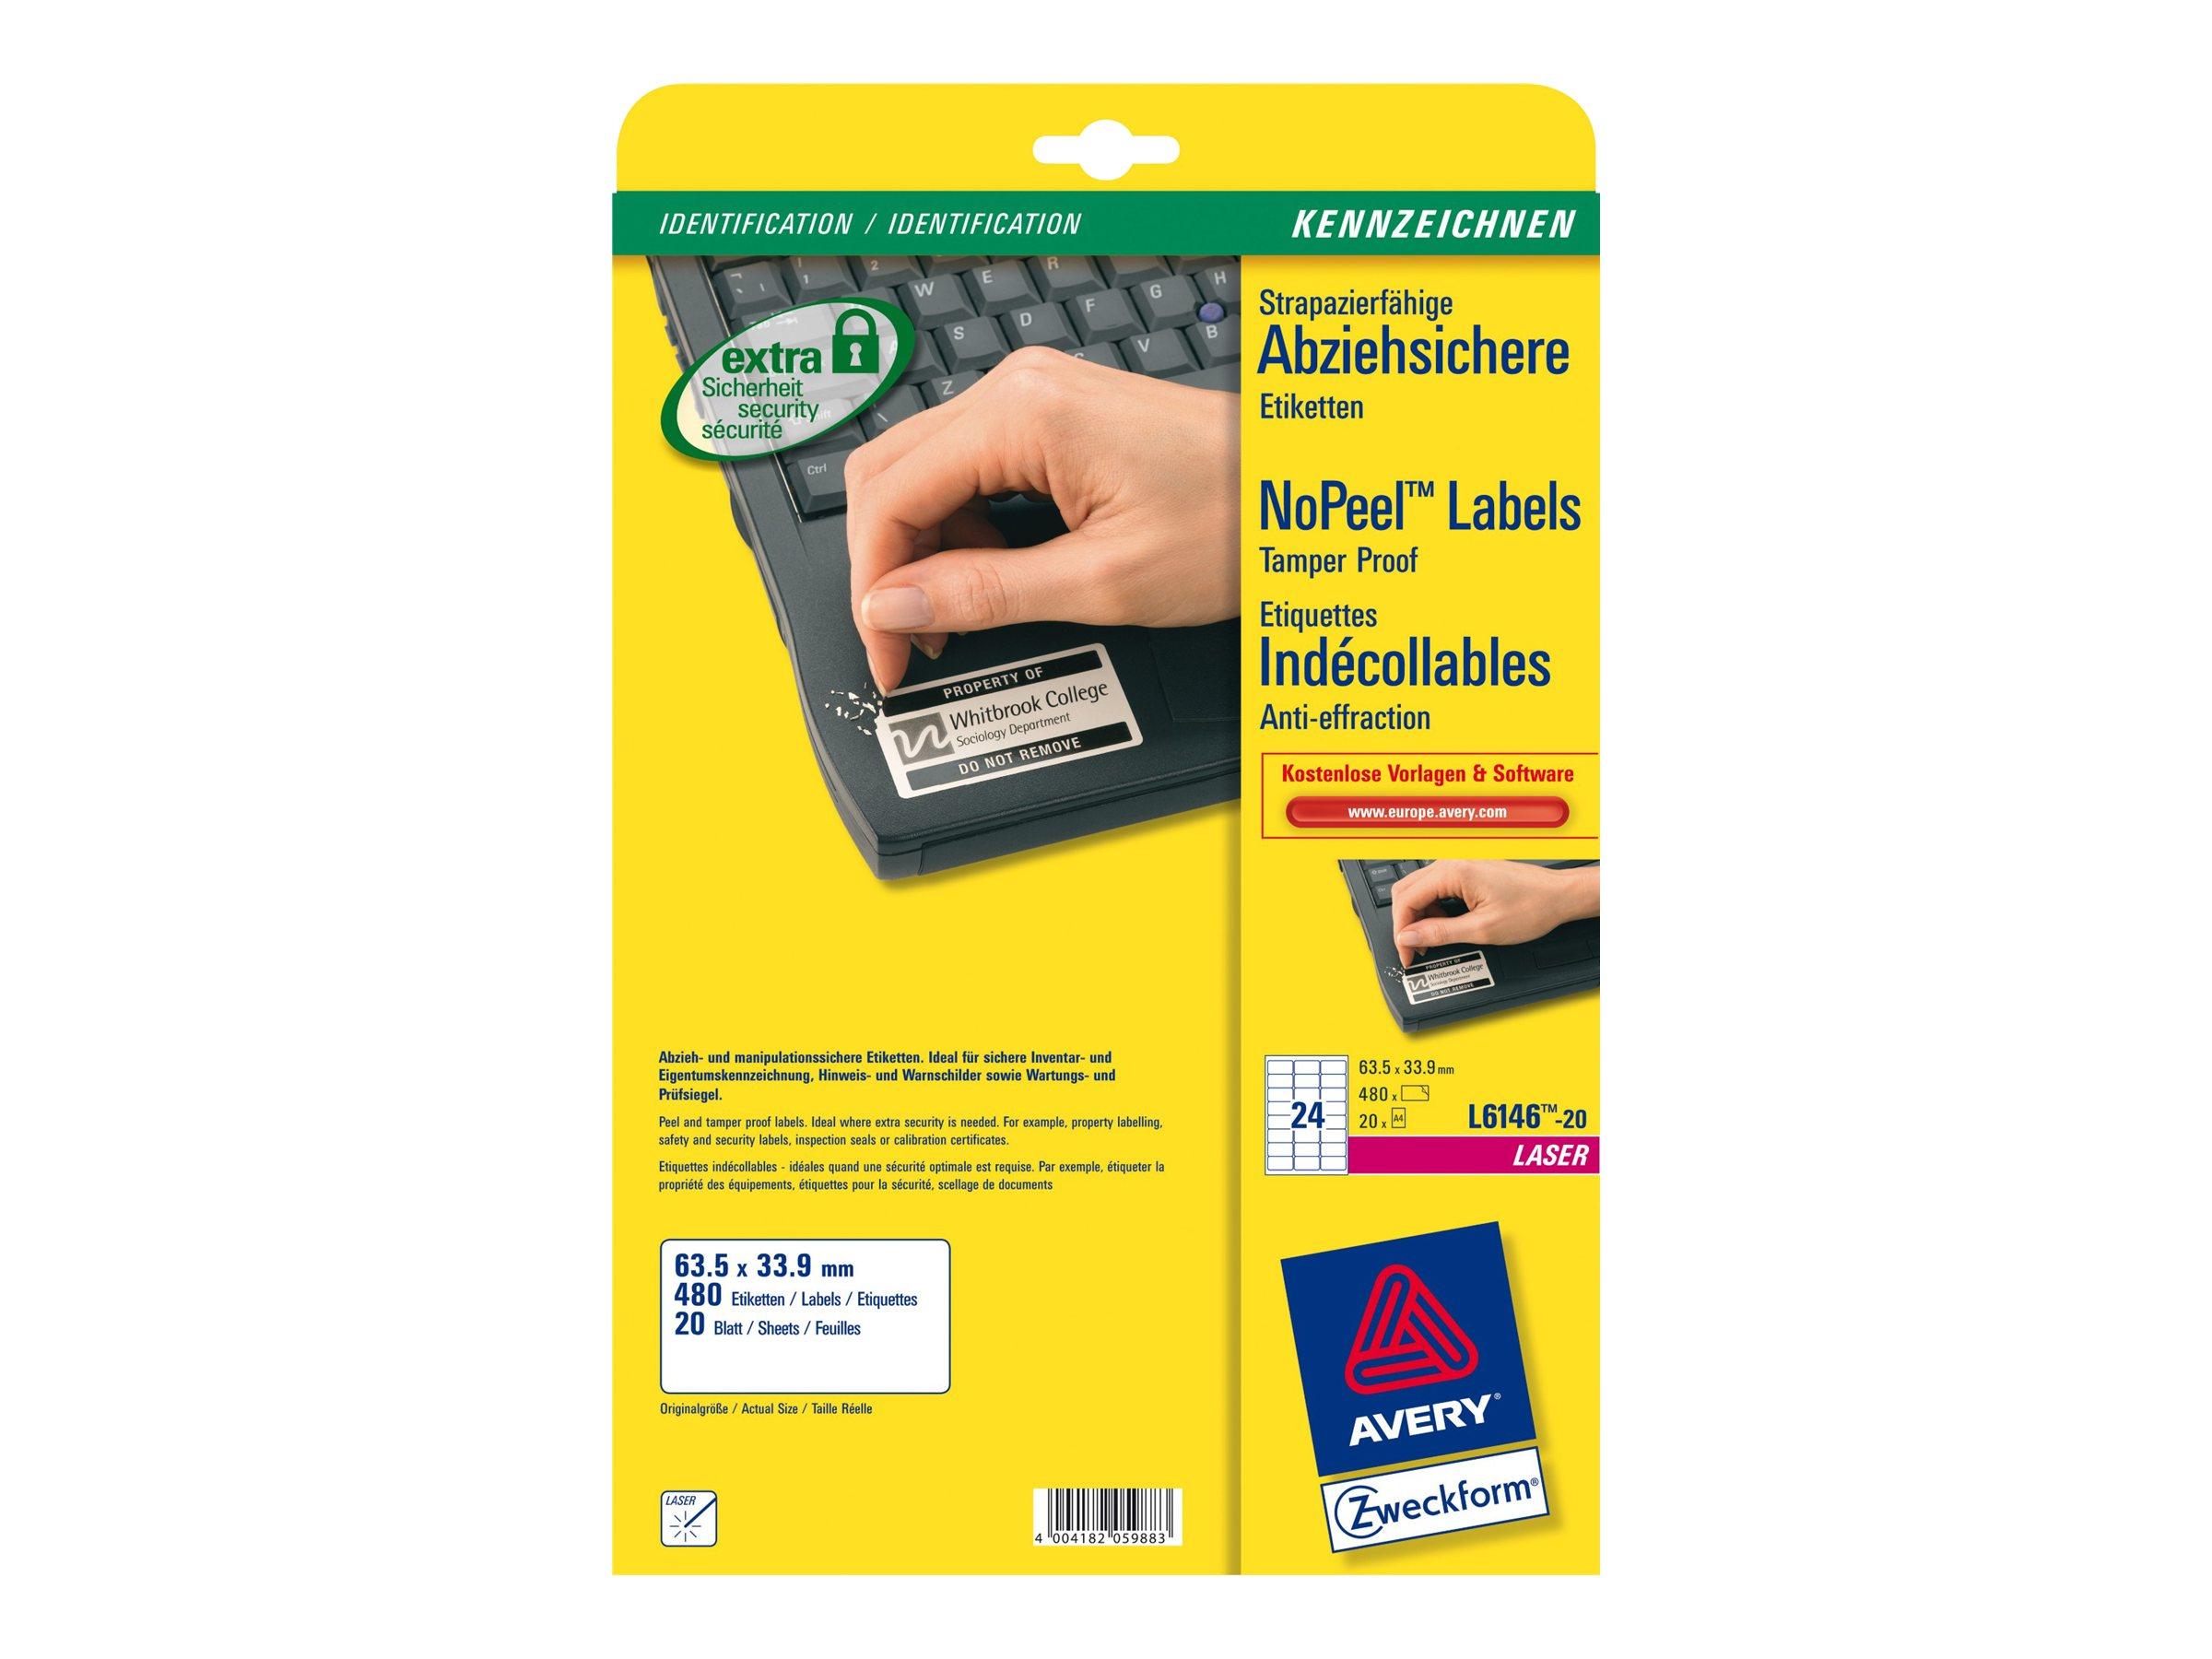 Avery - 480 Étiquettes indécollables blanches - 33,9 x 63,5 mm - Impression laser - réf L6146-20